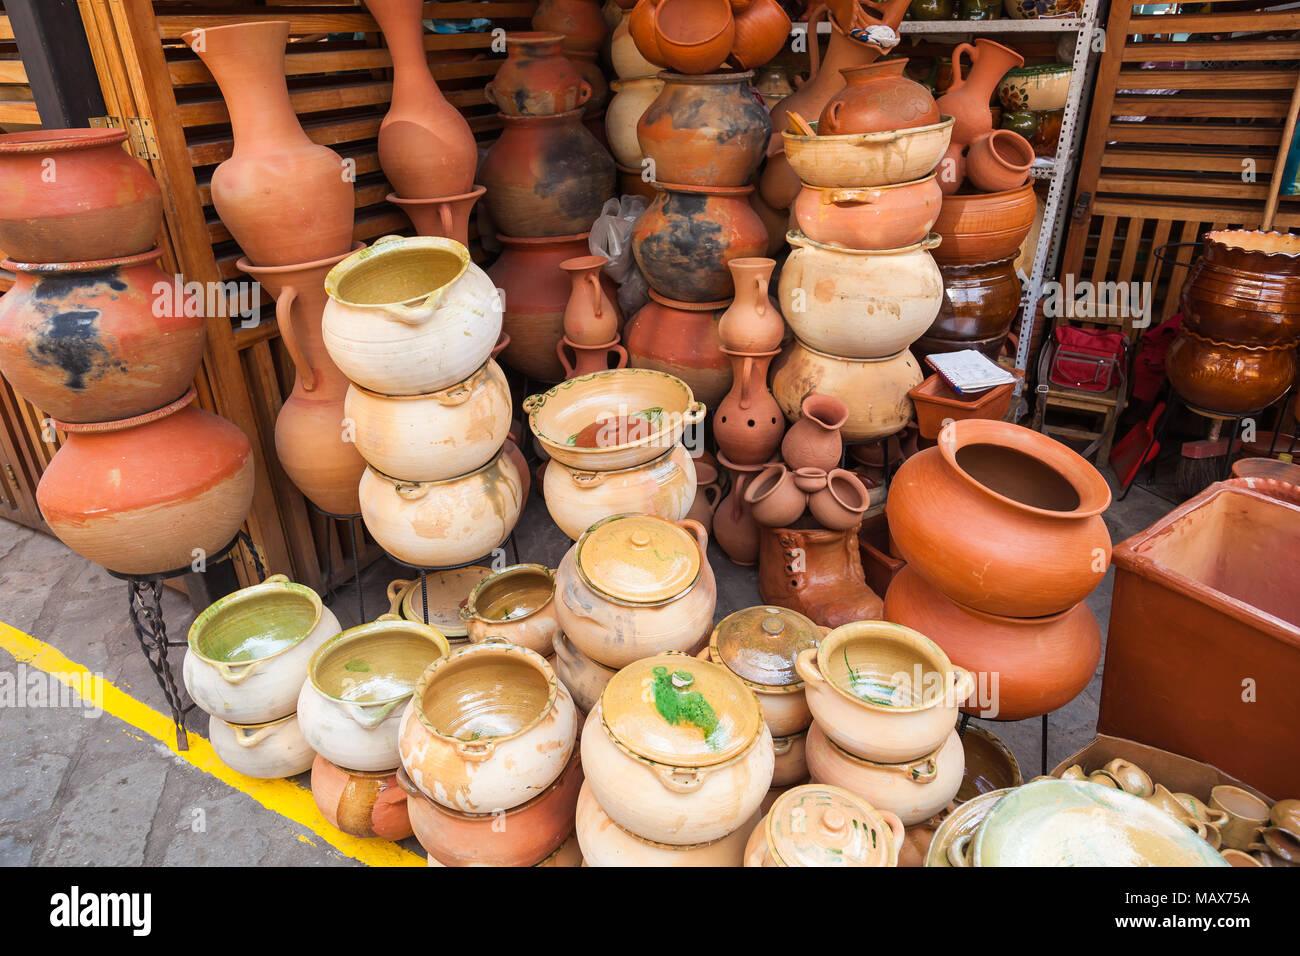 Bicchieri, vasi, ciotole e rustico vasi di argilla usato in cucina ...